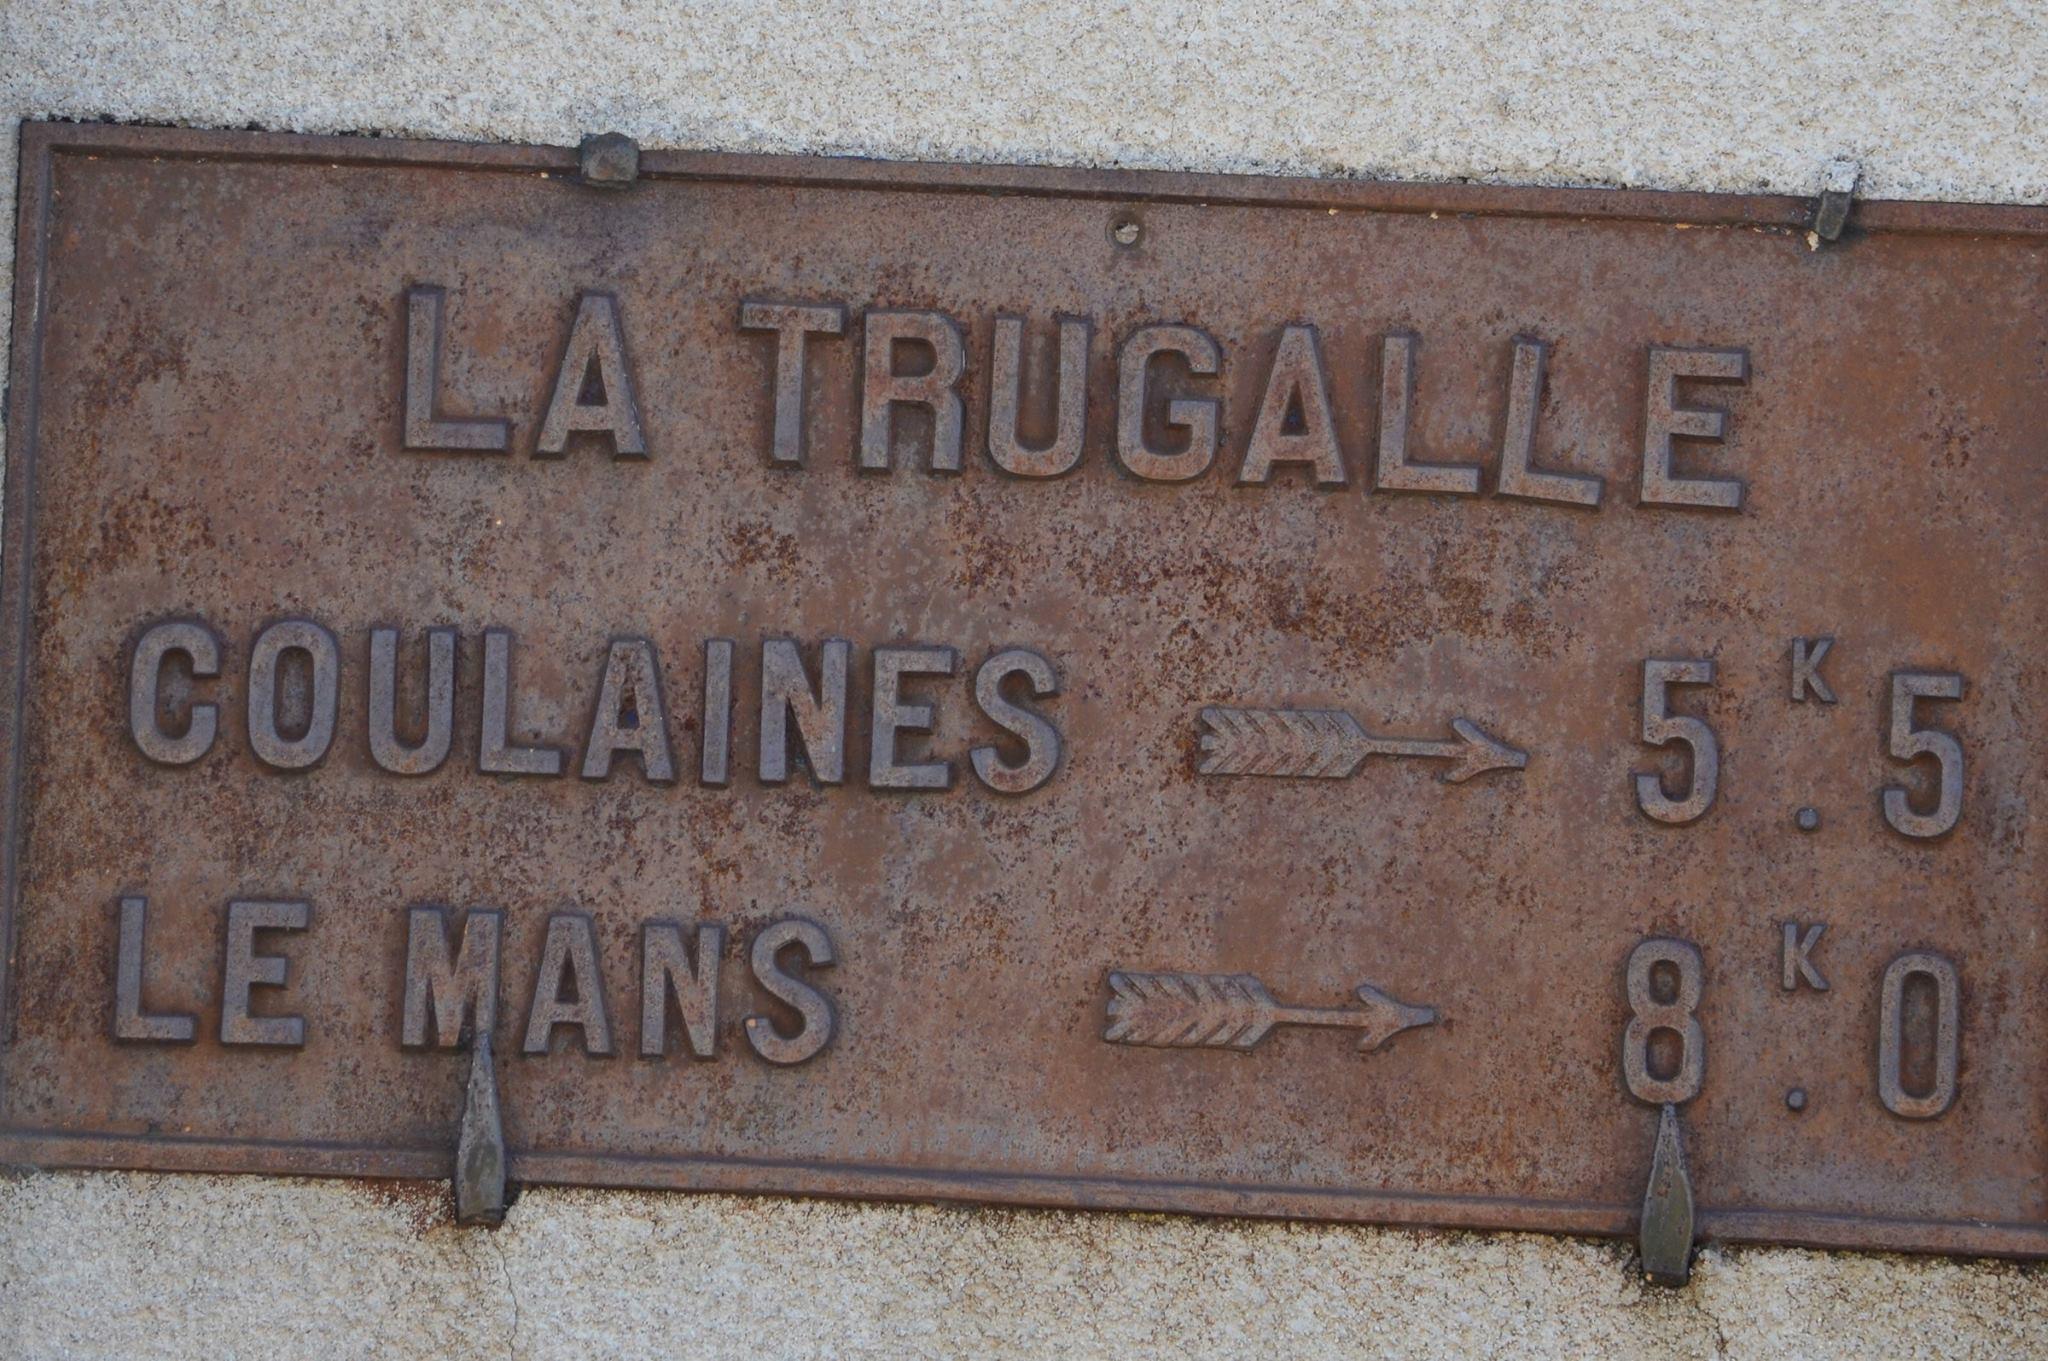 Neuville sur Sarthe - La Trugalle - Plaque de cocher - Coulaines - Le Mans (San Doni)